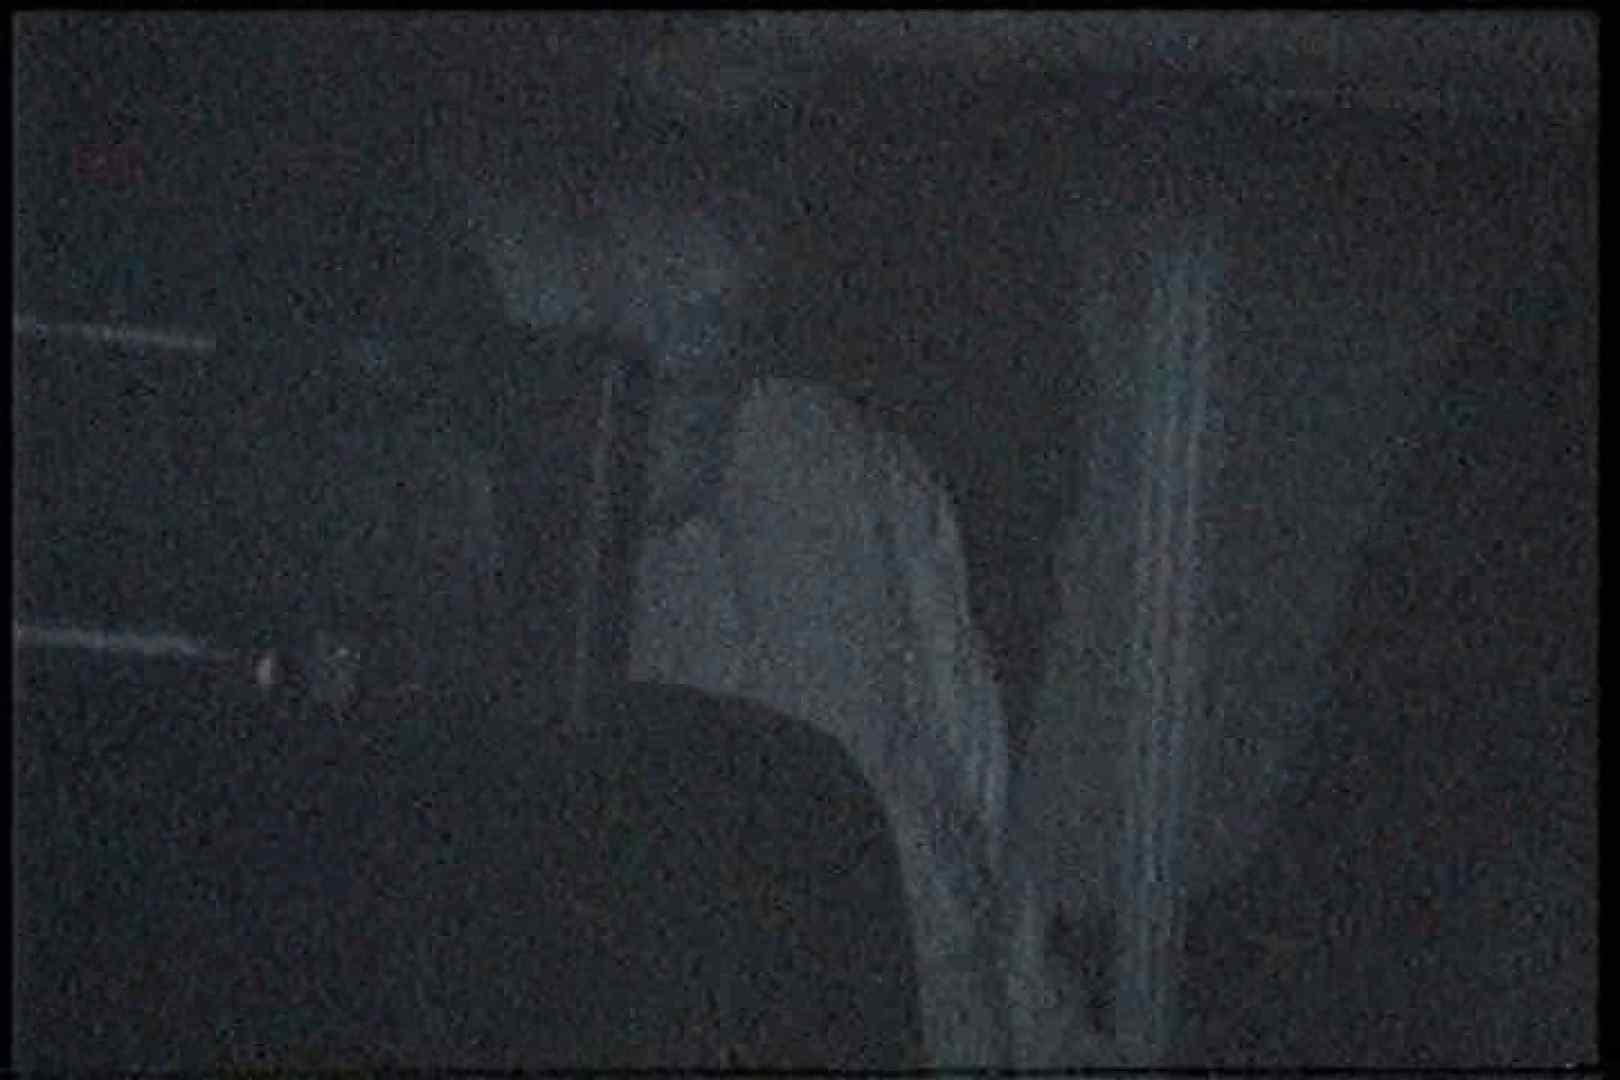 充血監督の深夜の運動会Vol.198 エロティックなOL われめAV動画紹介 62画像 46